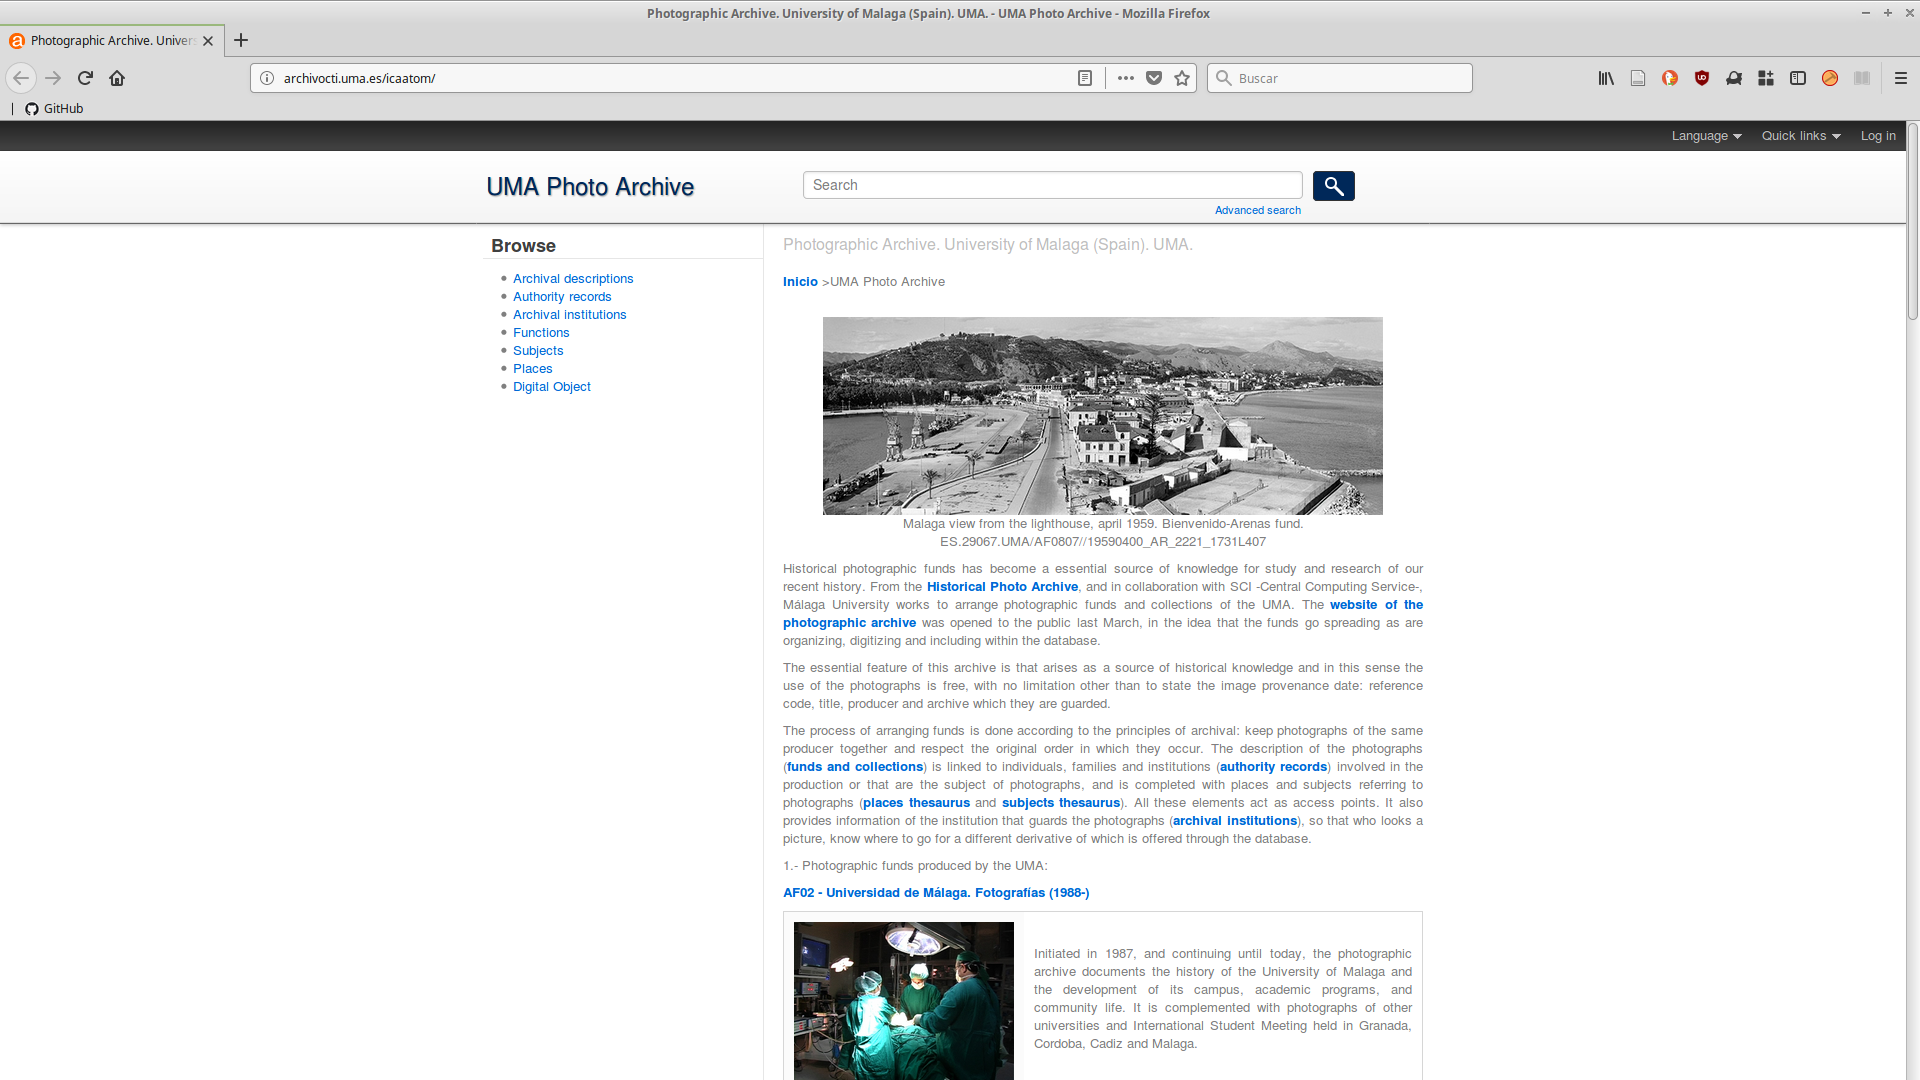 AtoM en el Archivo Fotográfico de la Universidad de Málaga